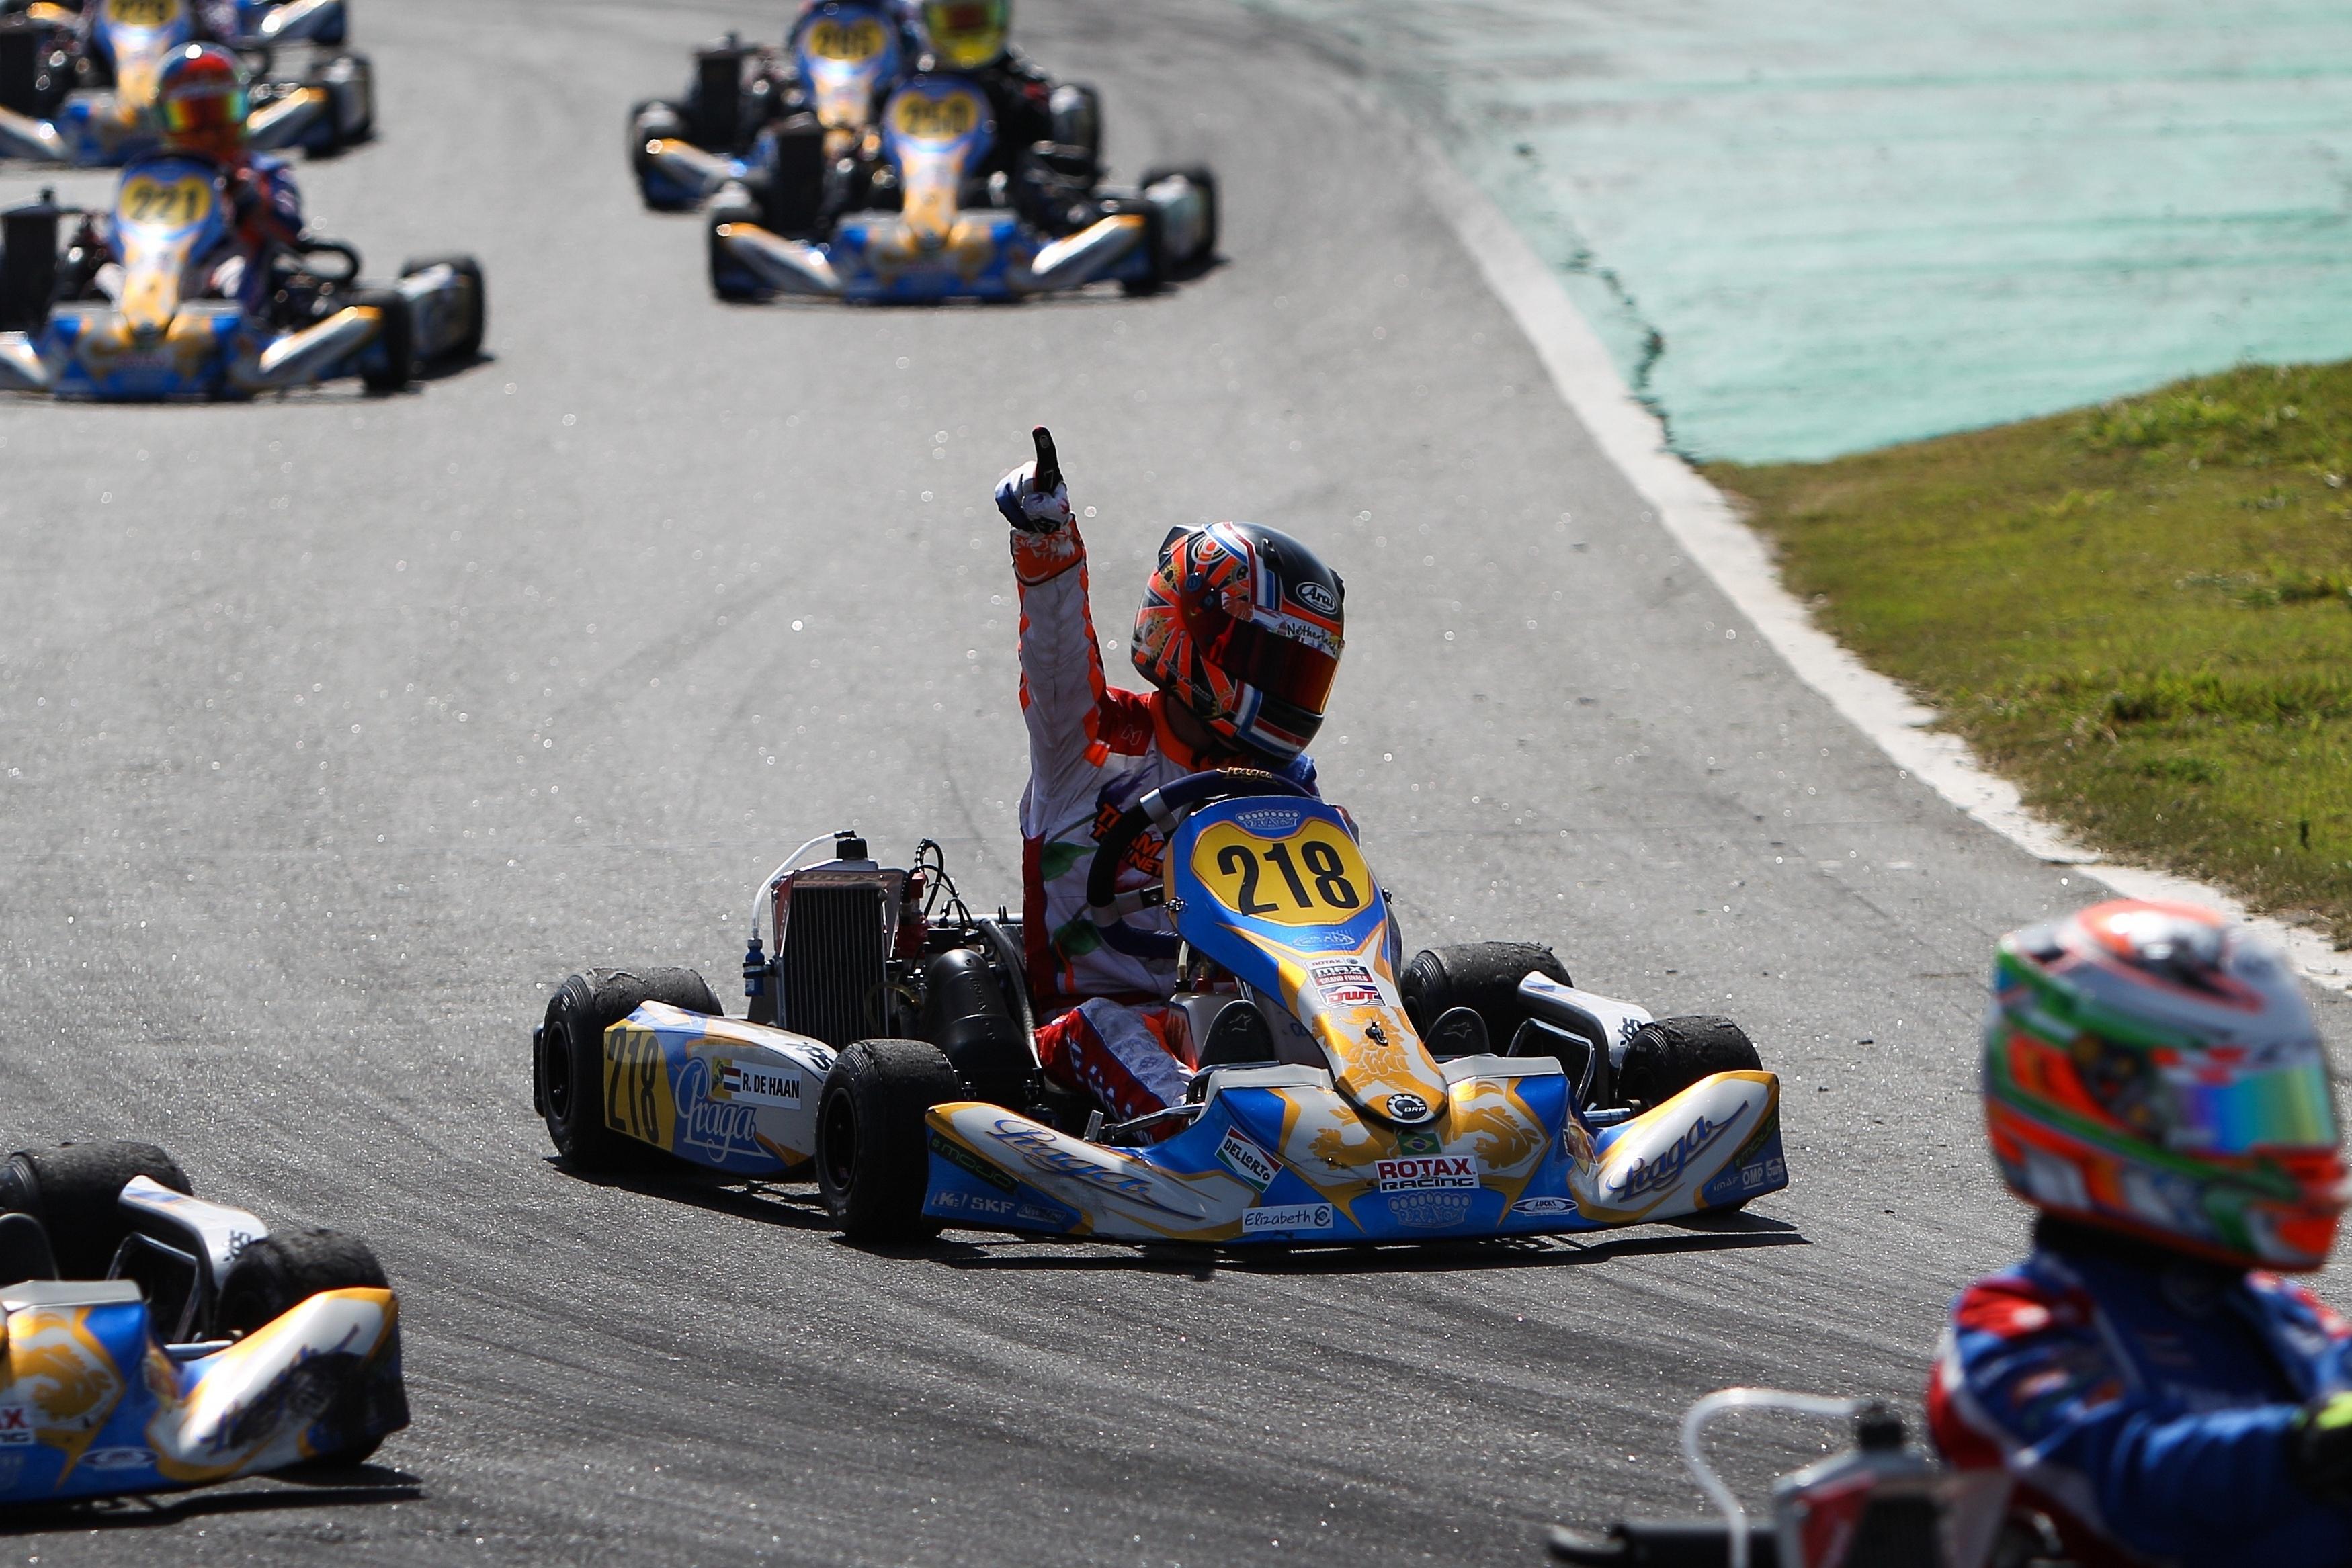 Rookie Robert de Haan uit Eerbeek stormt naar wereldtitel karten!